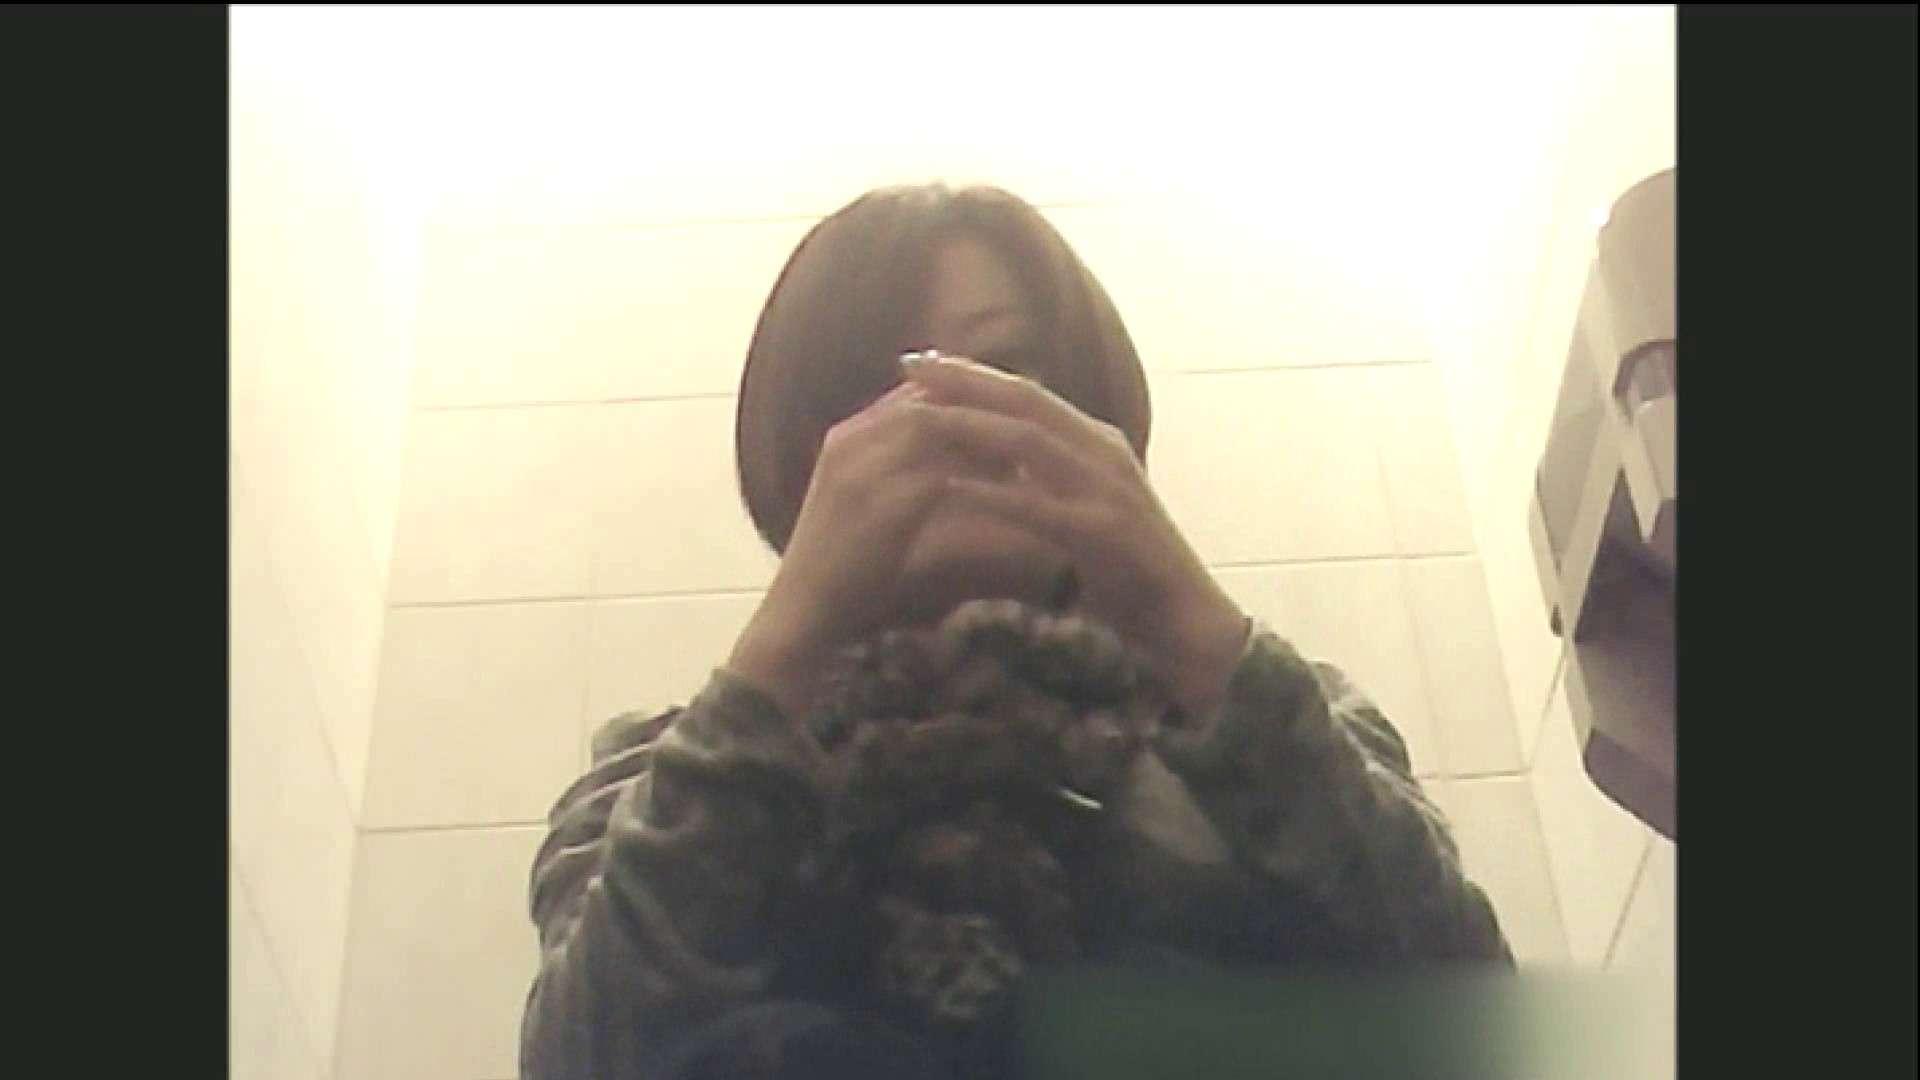 実録!!綺麗なお姉さんのトイレ事情・・・。vol.10 OLエロ画像 盗撮ヌード画像 92PICs 74